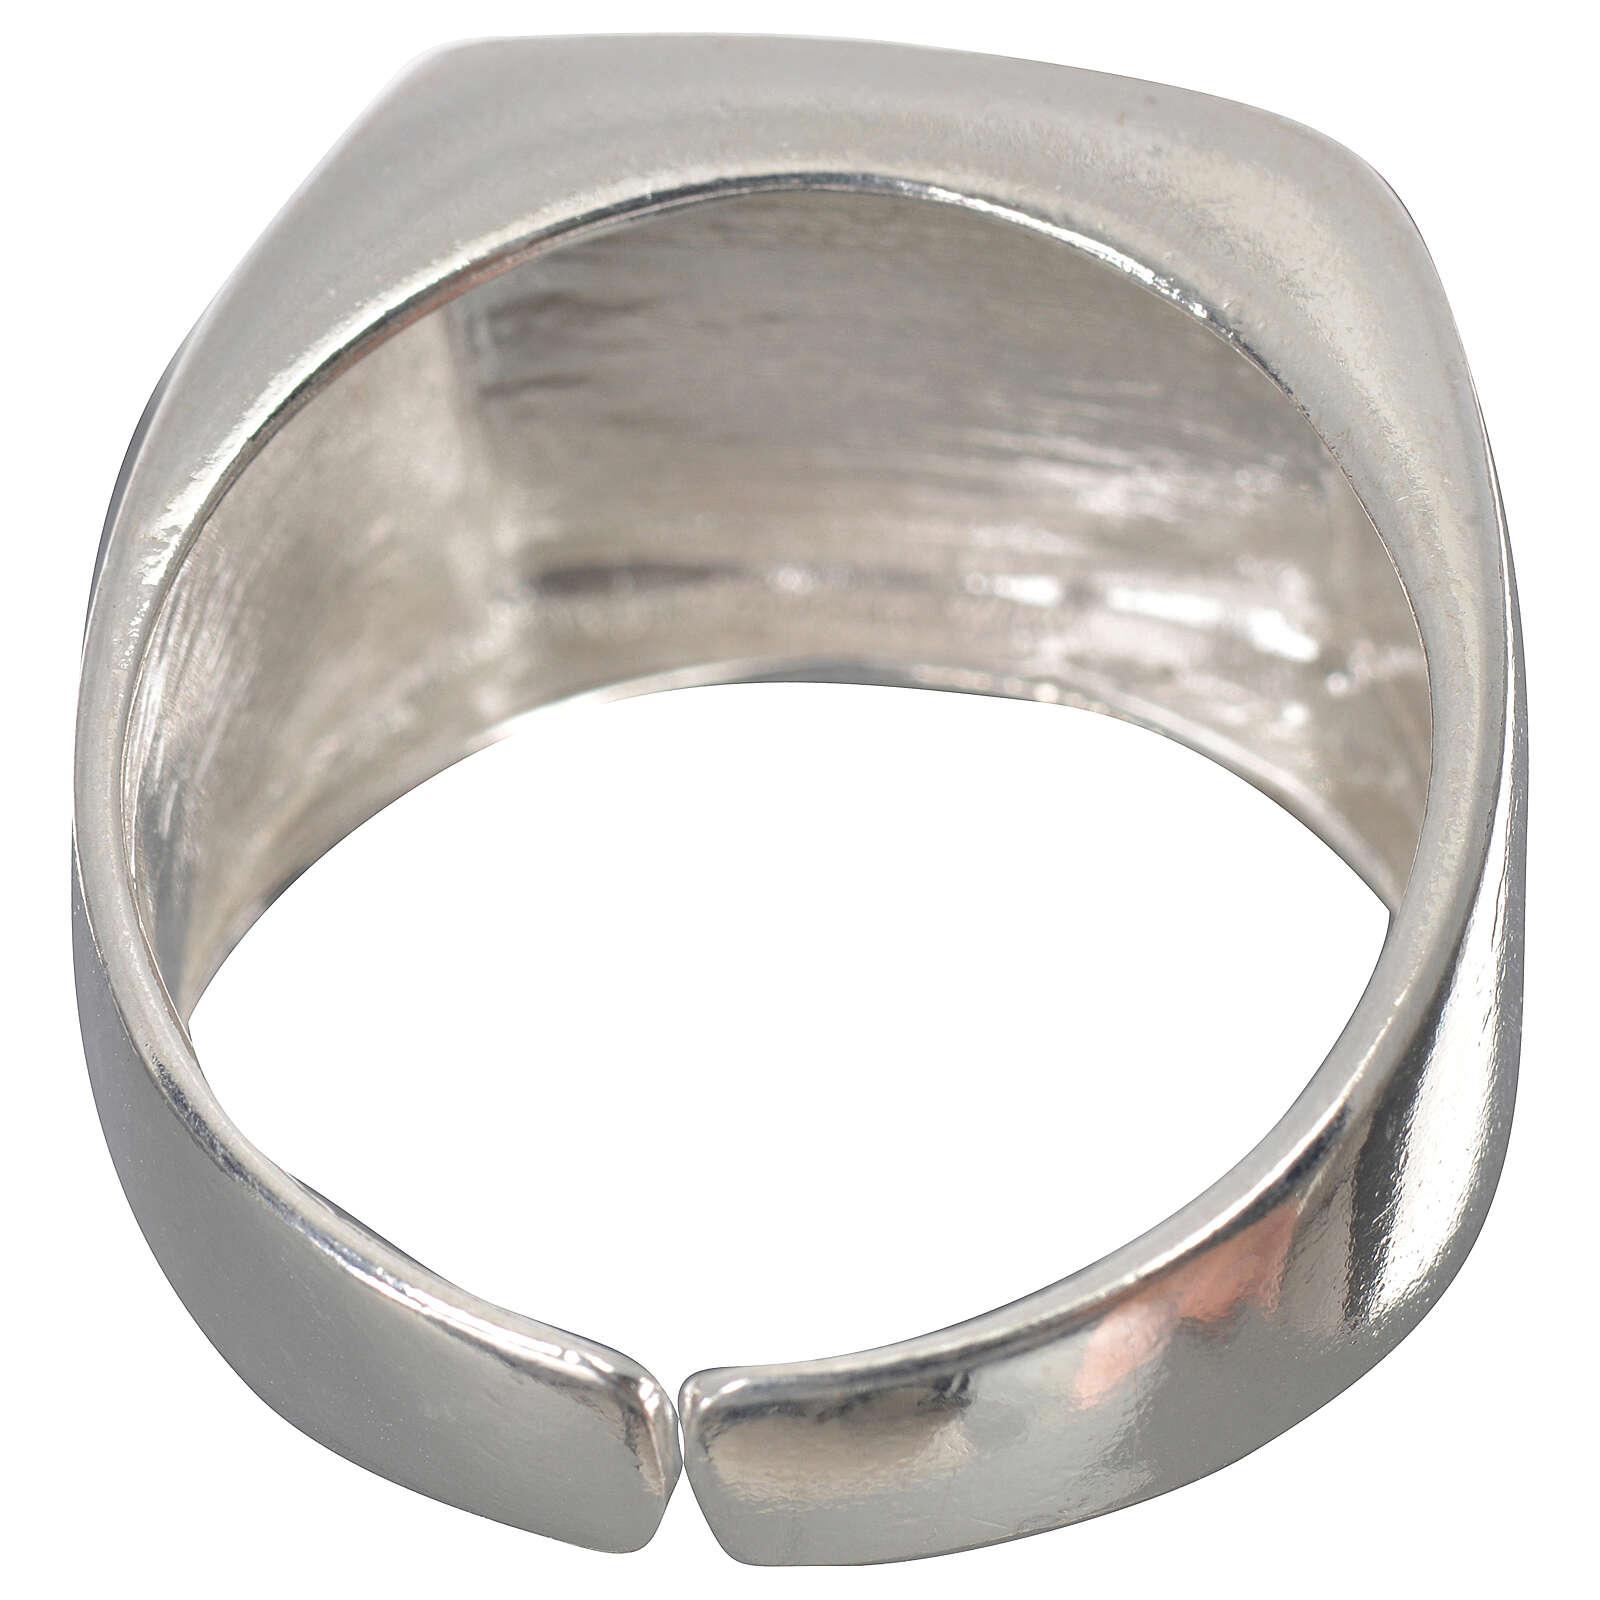 Anello episcopale agnello argento 925 lucido 3